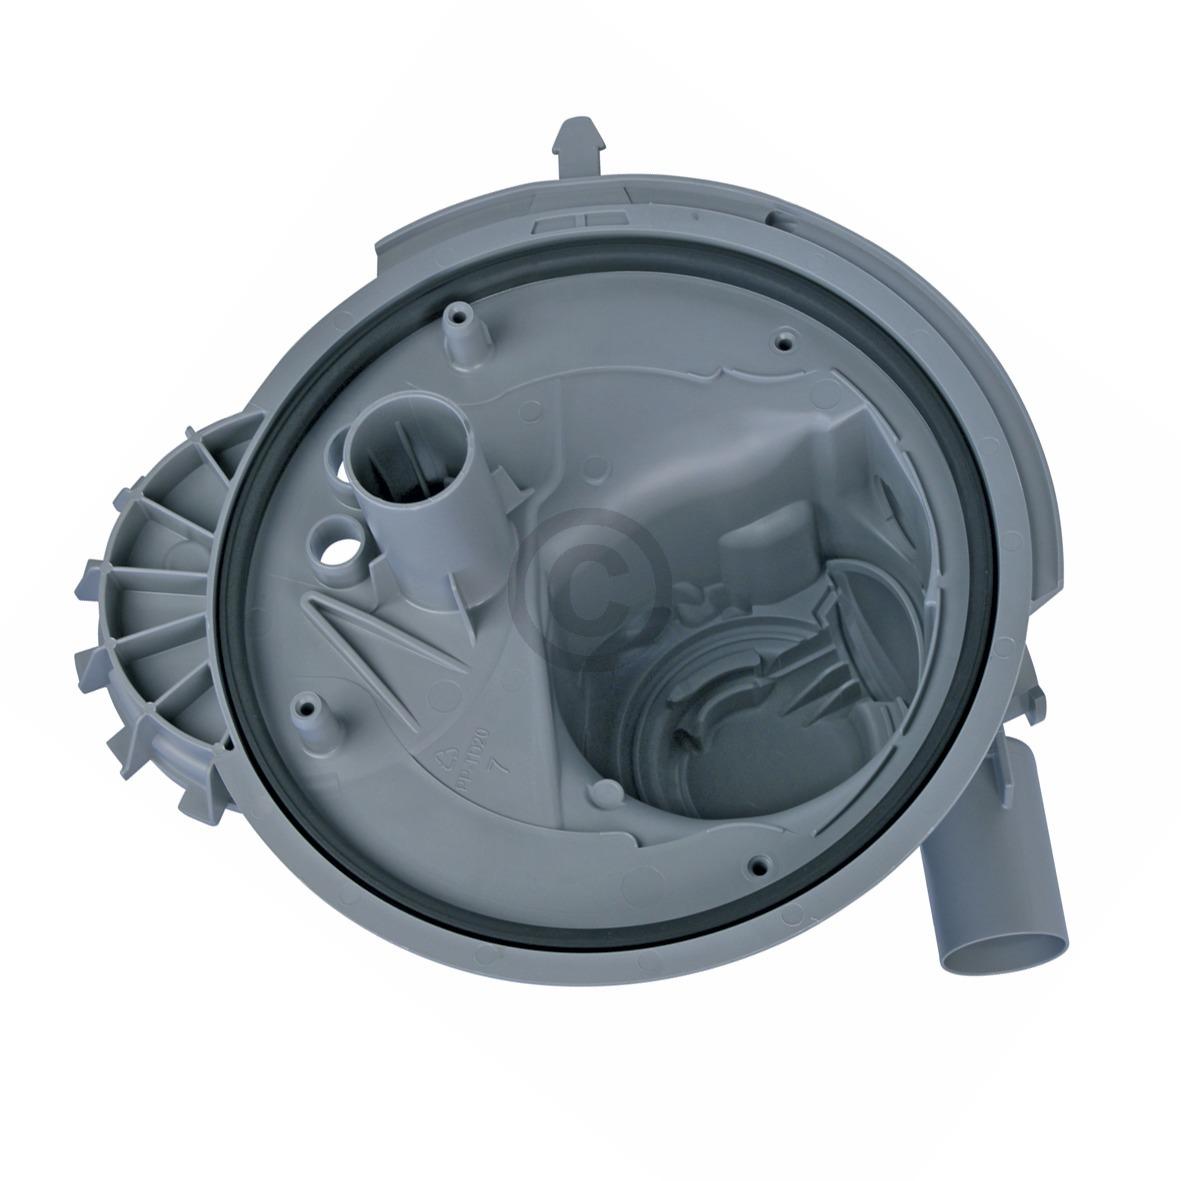 Pumpentopf 00668102 668102 Bosch, Siemens, Neff